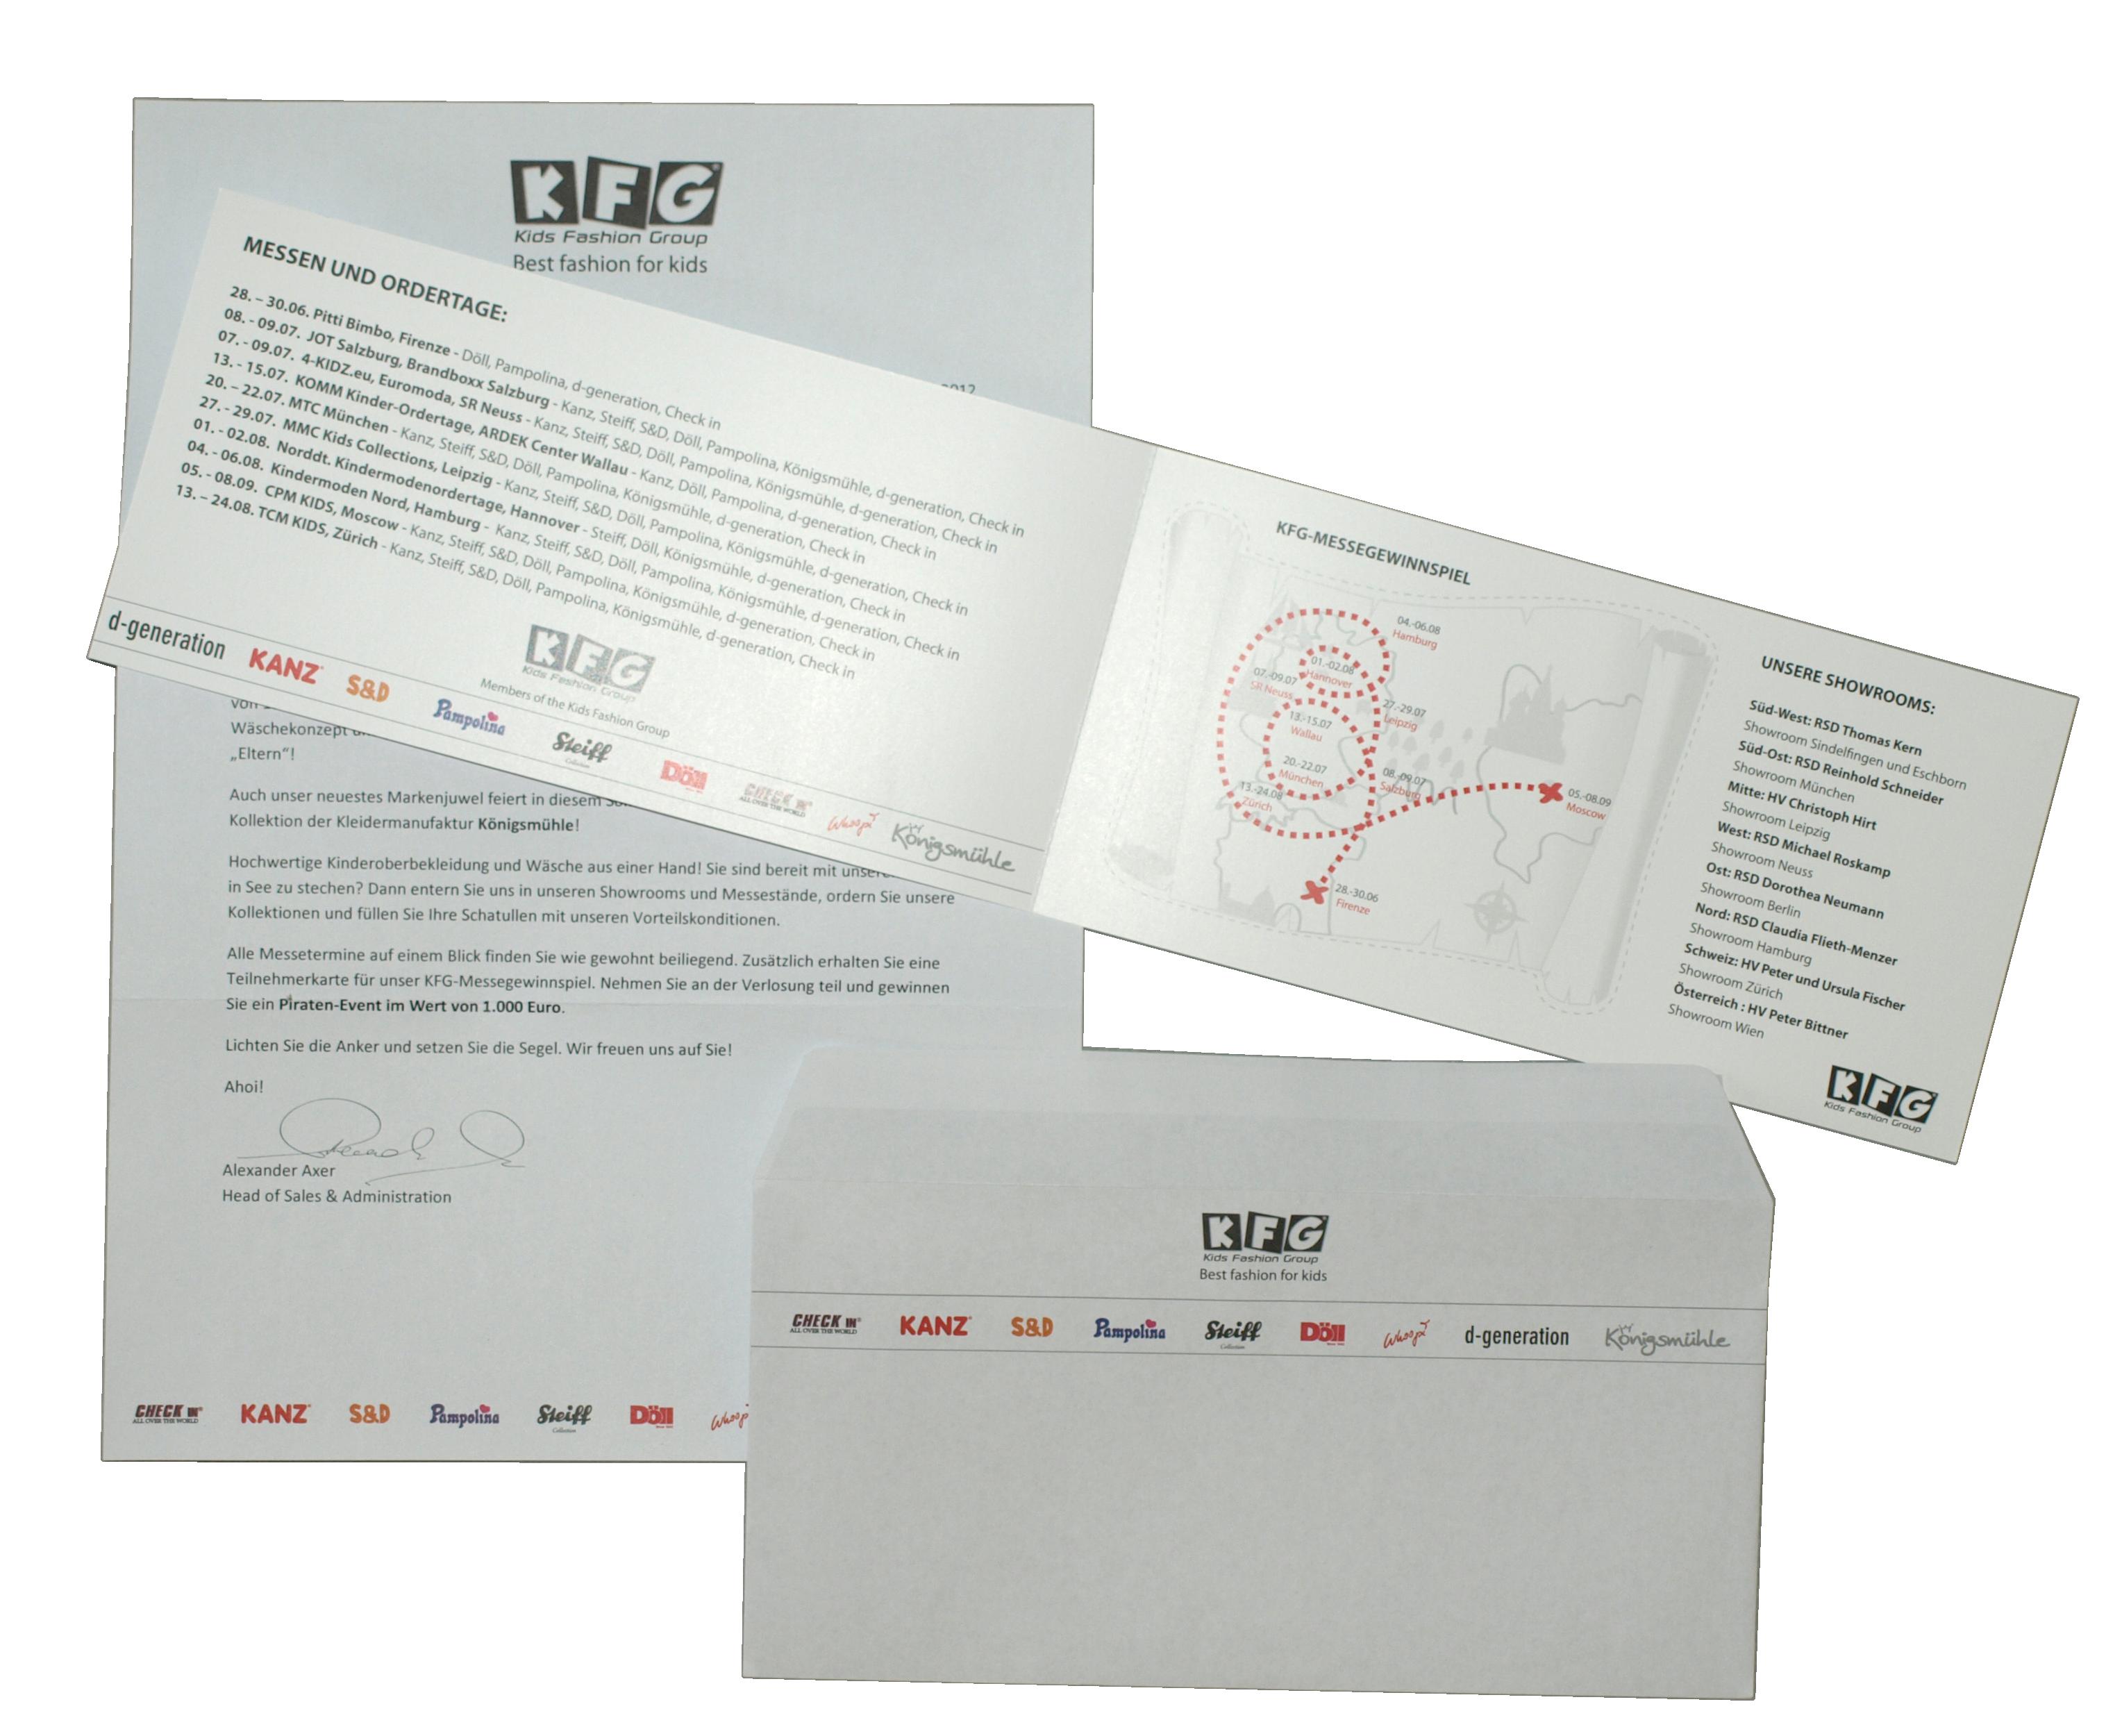 messe-einladung mit gewinnspiel - schick's weg mailings, Einladungen